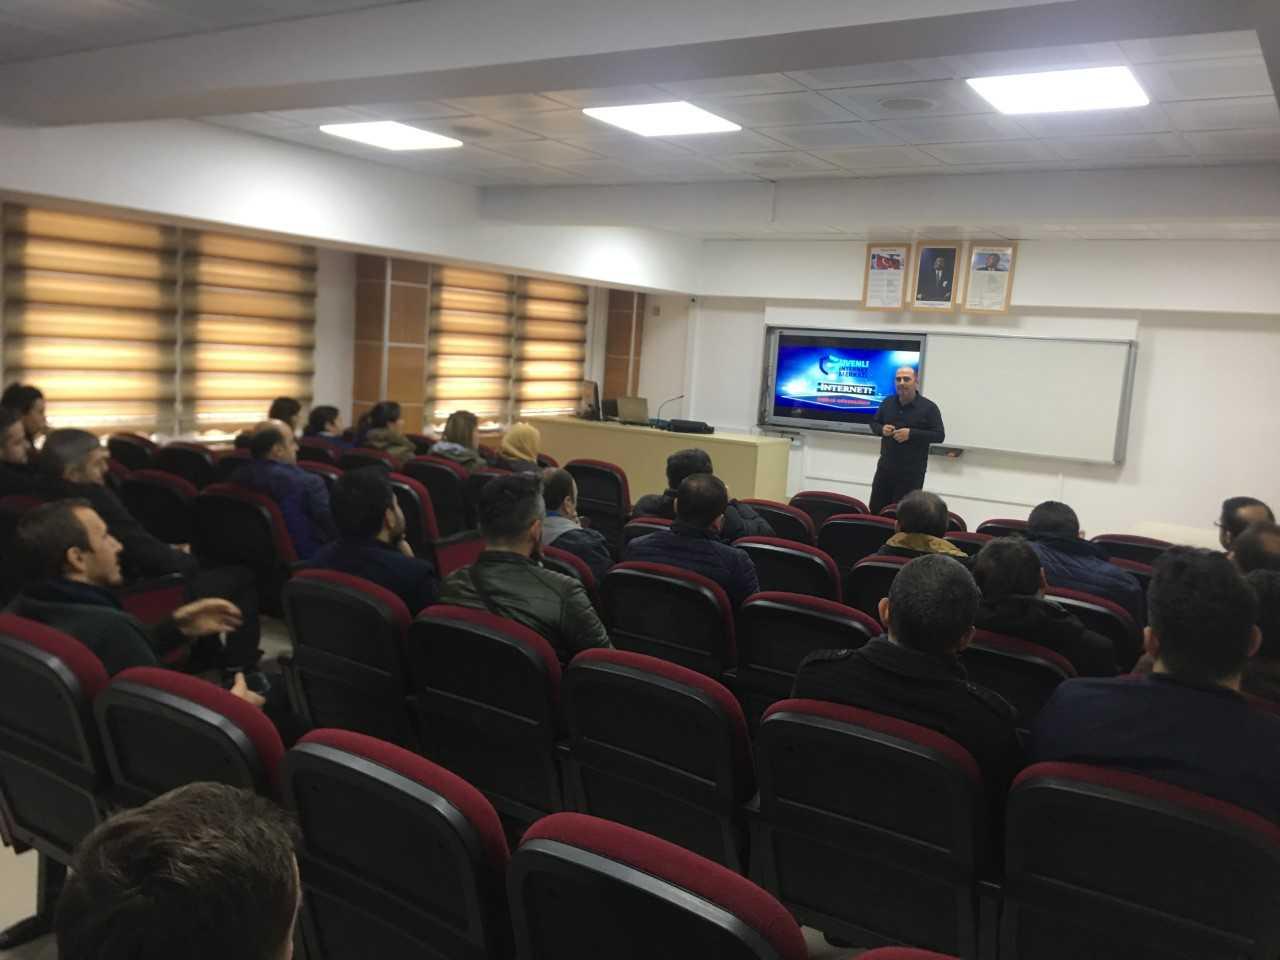 Ordu Ünye İlçe Milli Eğitim Müdürlüğü  Bilişim Teknolojileri Öğretmenlerine, Bilinçli Ve Güvenli İnternet Semineri